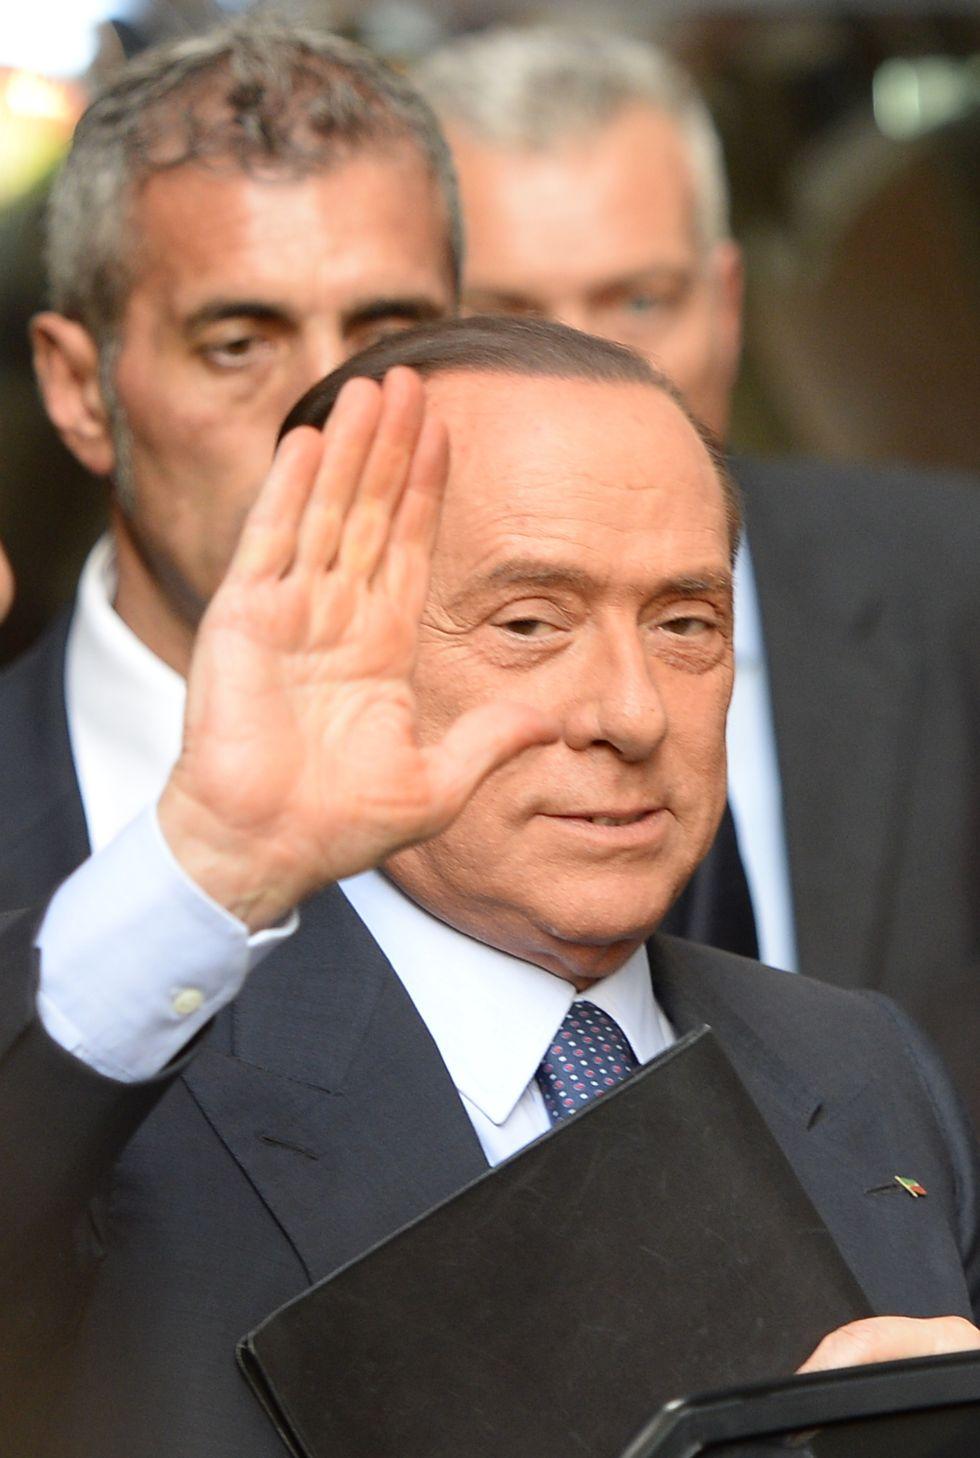 Esclusivo/Berlusconi: «Per i giornali sono bastonabile, bastonabilissimo»